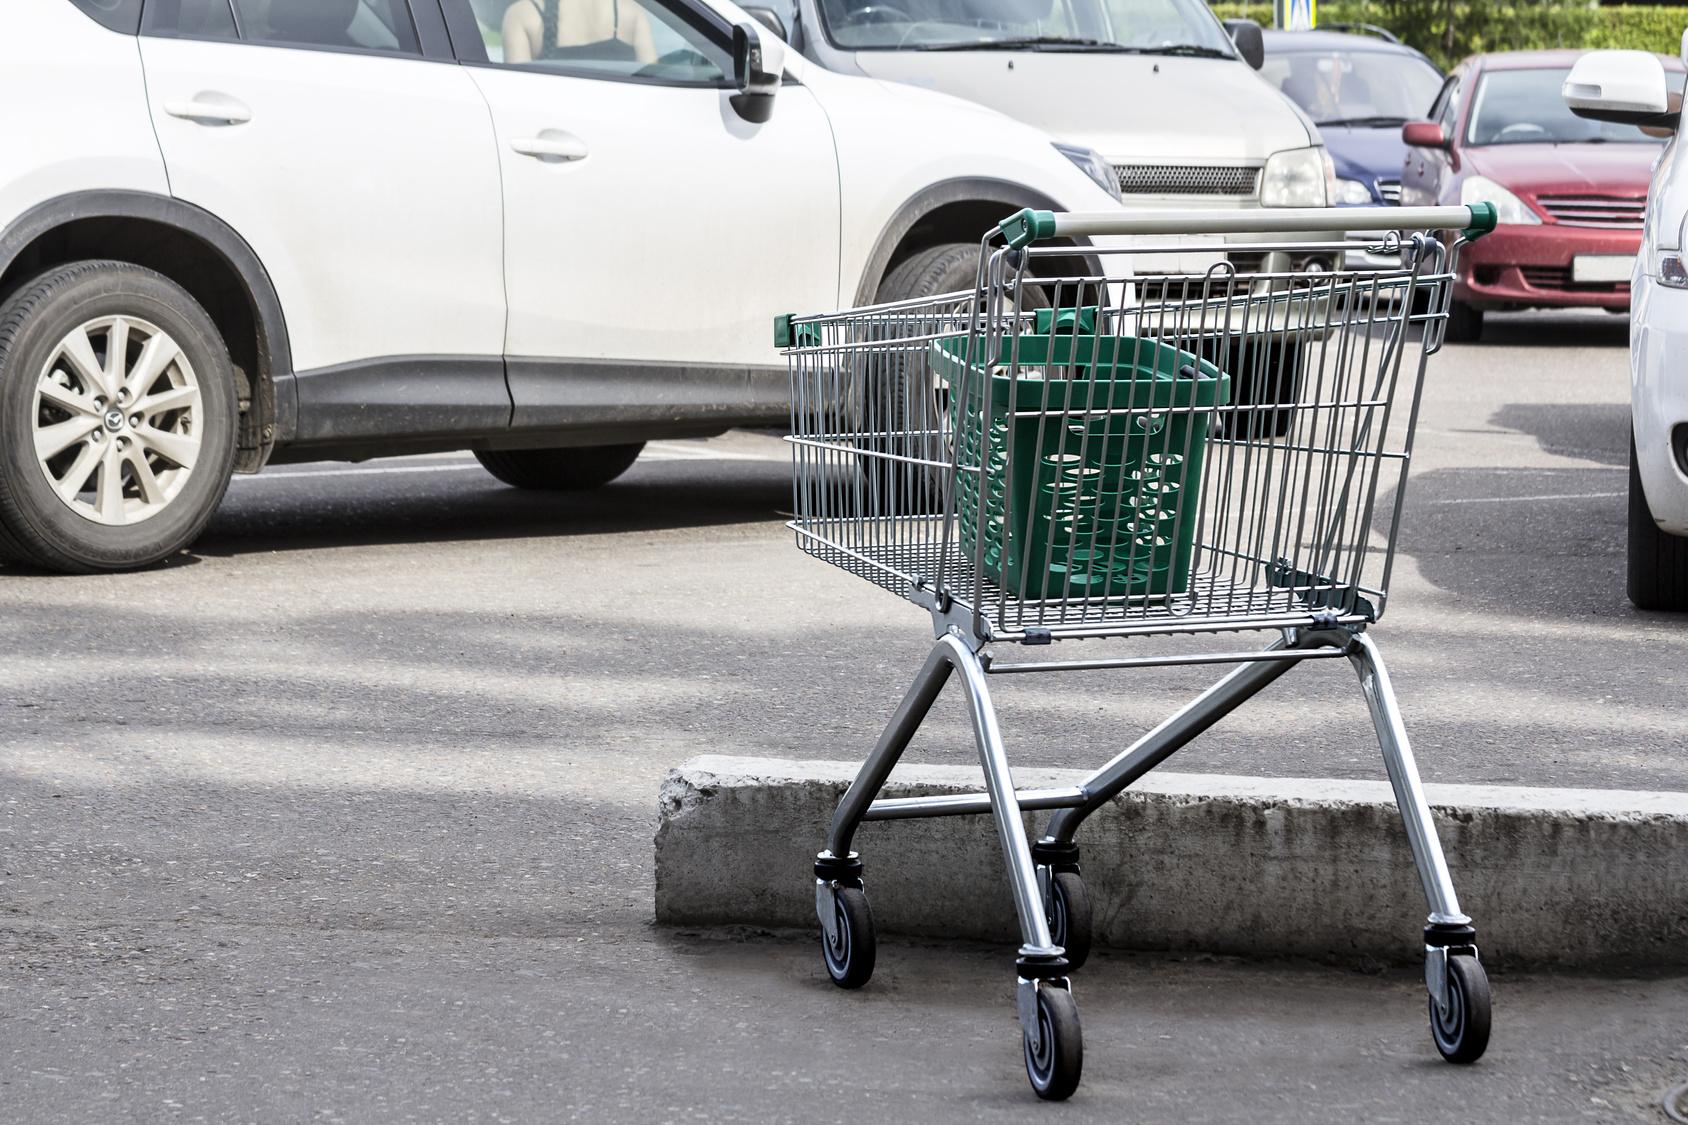 KFZ-Schaden durch Einkaufswagen verursacht – Was nun?